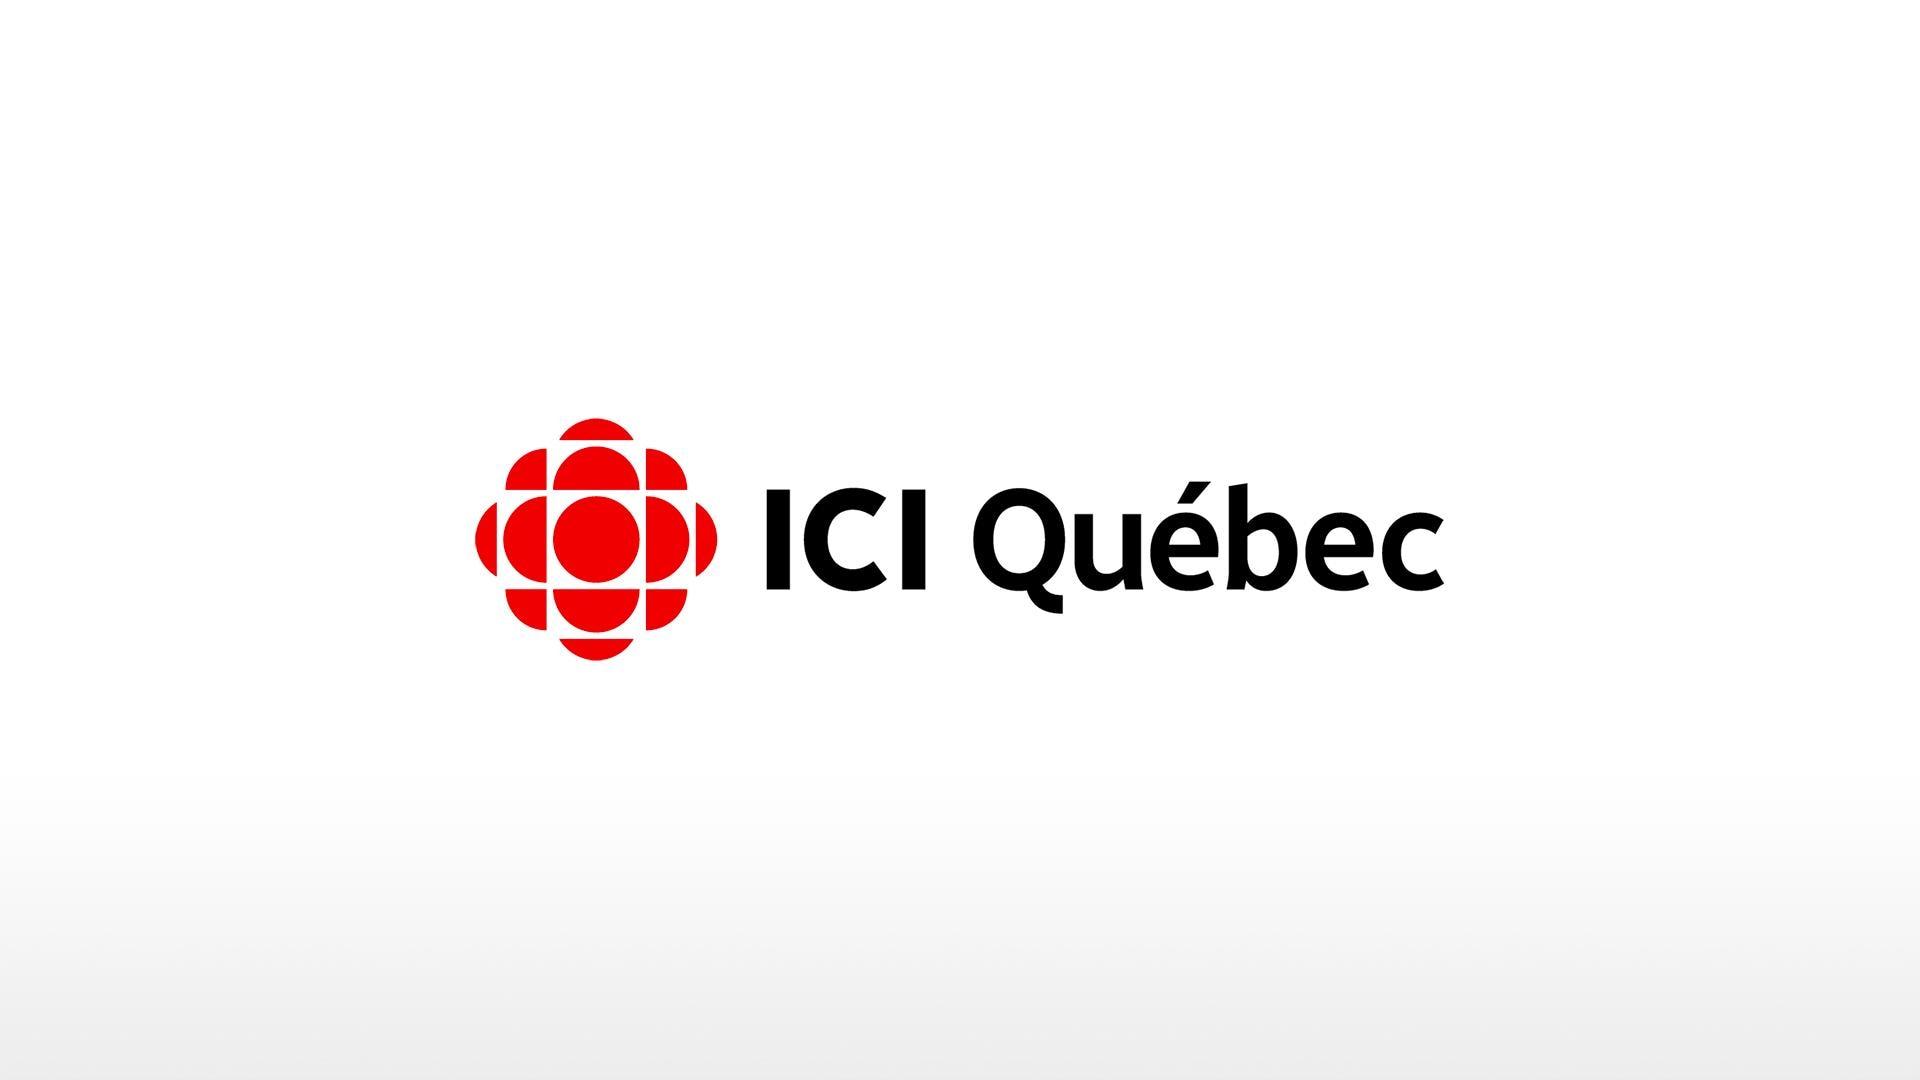 Abonnez-vous pour recevoir chaque jour vos nouvelles régionales d'ICI Québec.